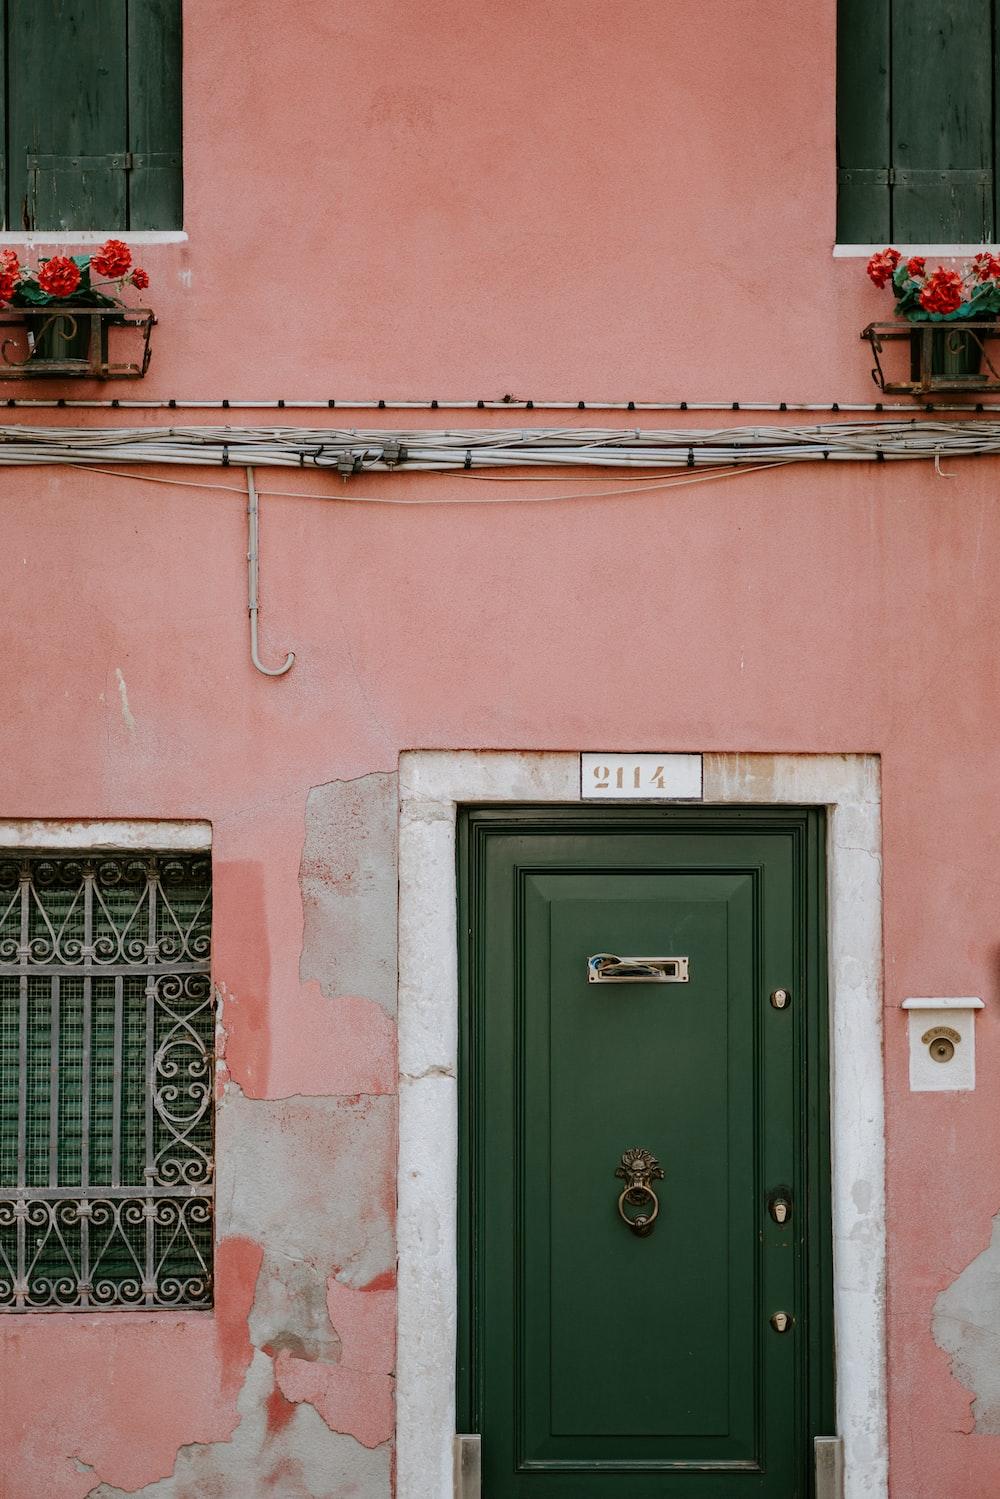 green wooden door in pink concrete building